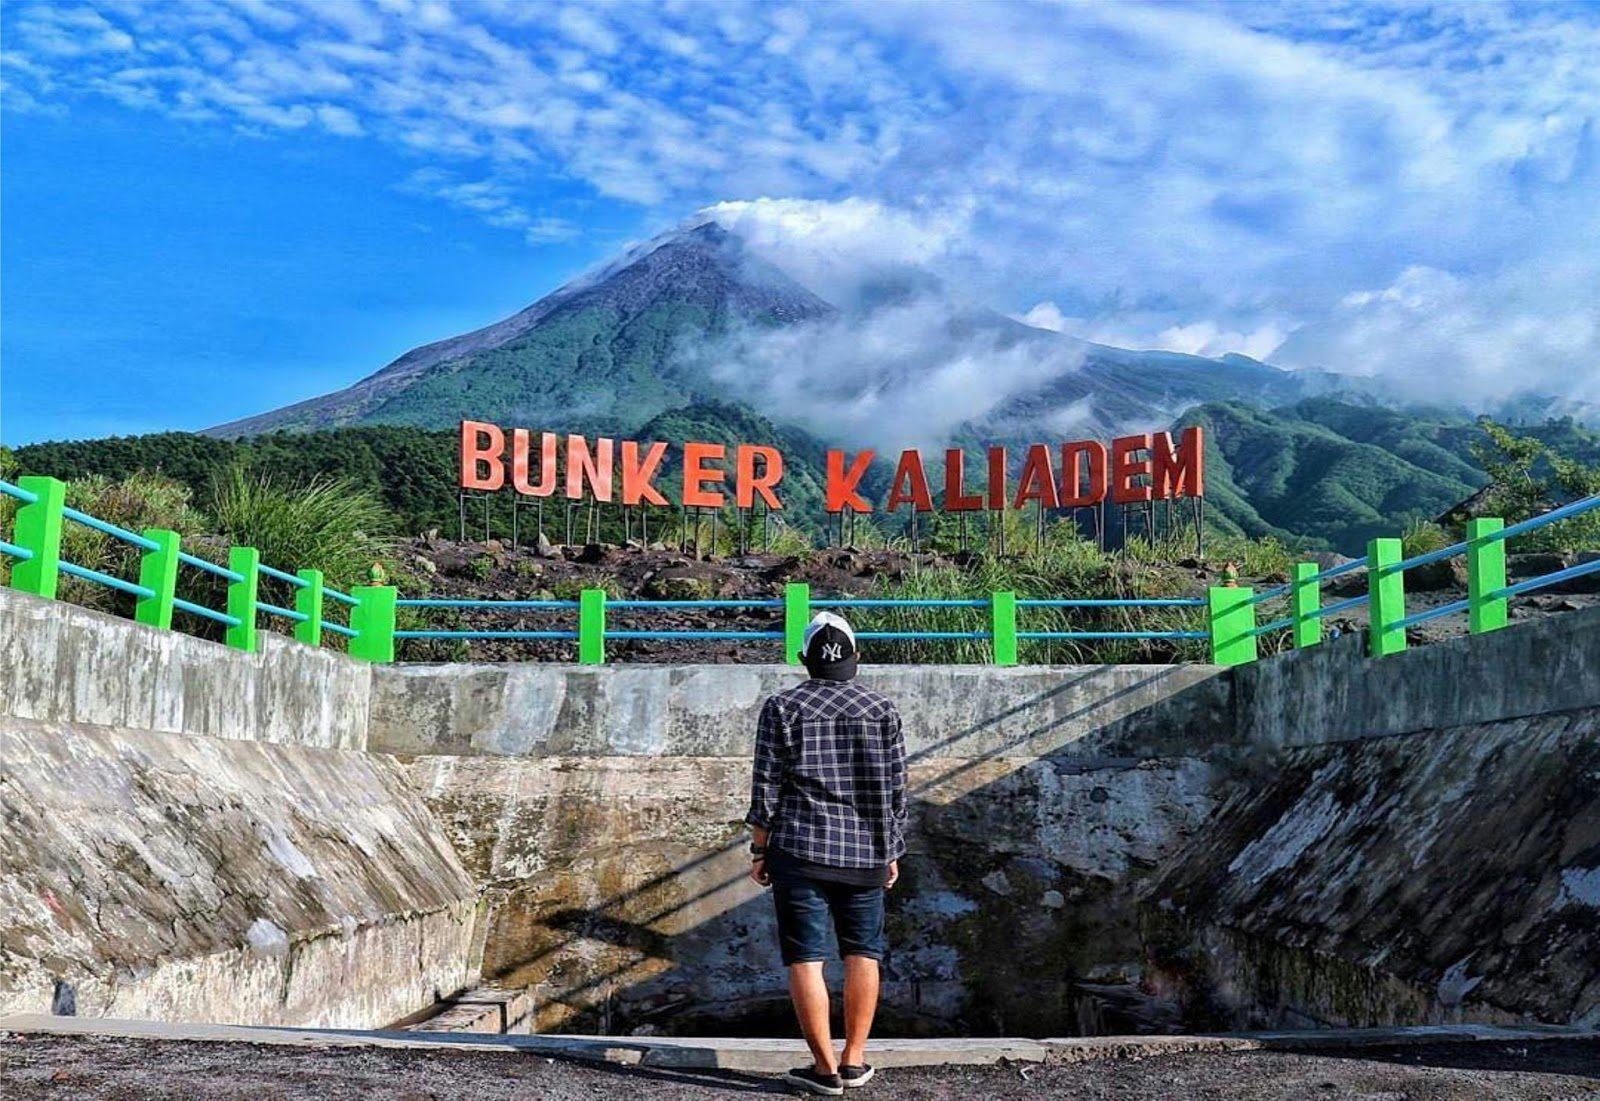 193 Tempat Wisata Jogja Terbaru 2018 Terupdate Bunker Kaliadem Kab